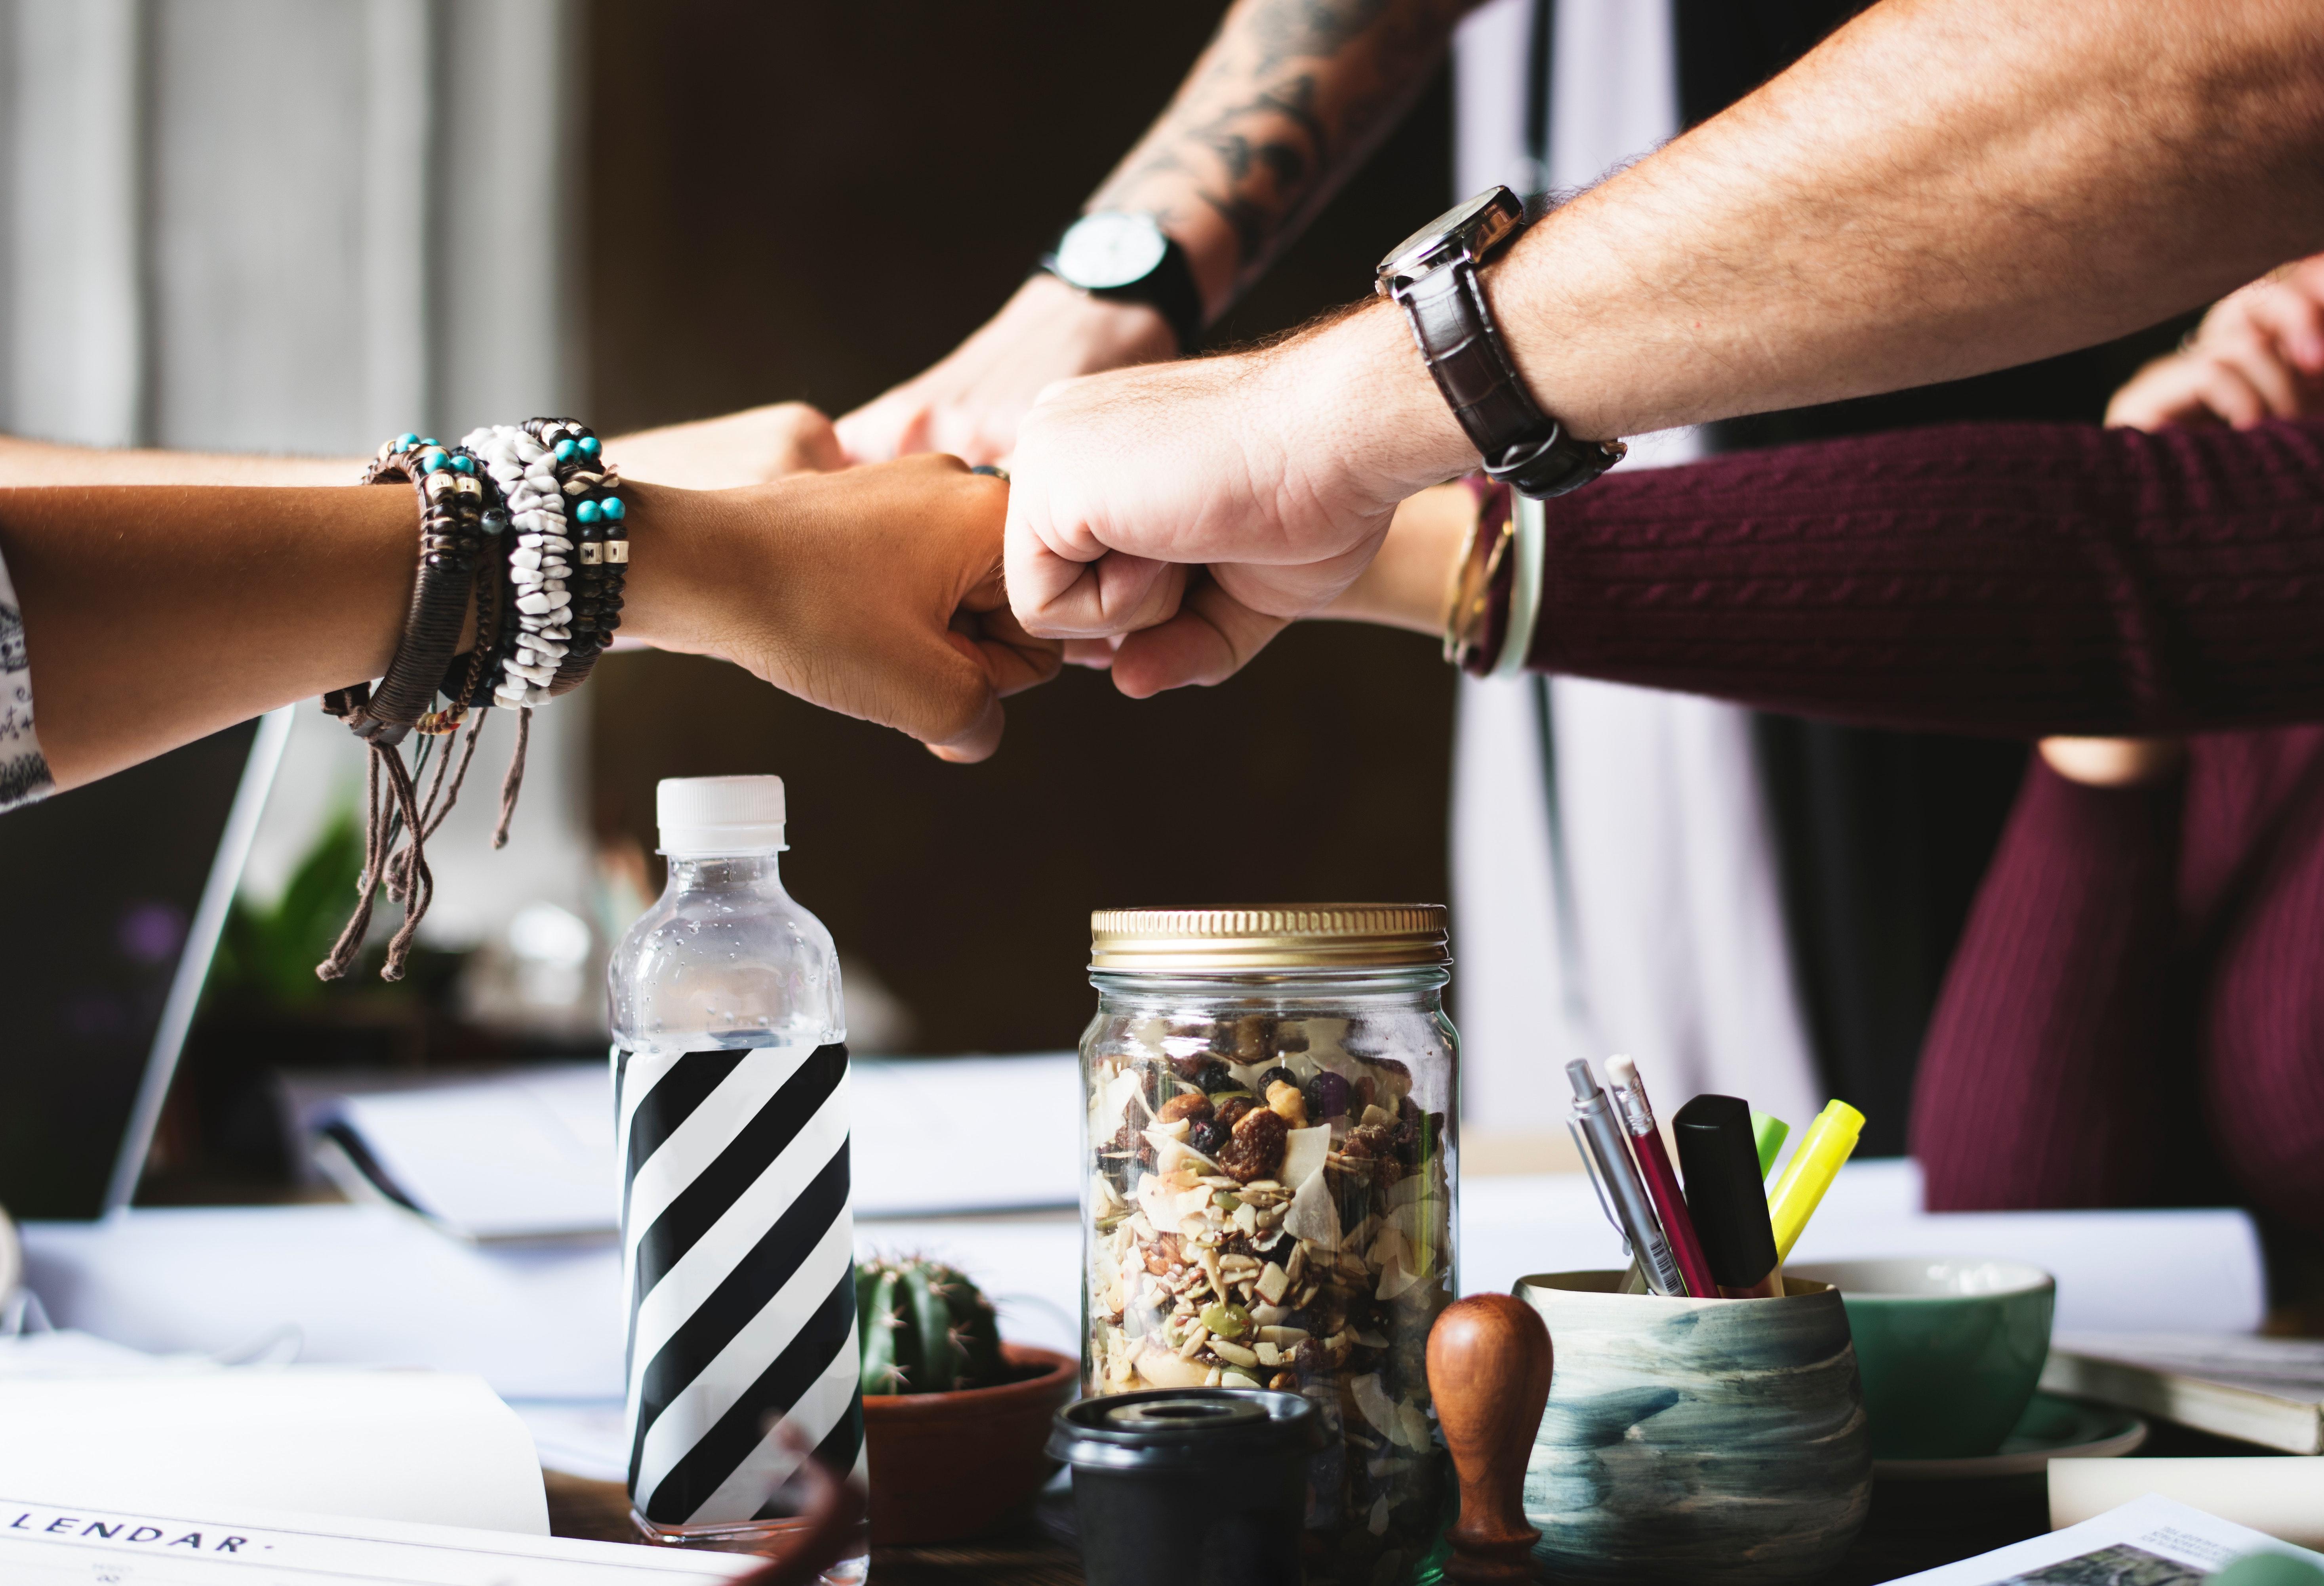 bracelets-collaboration-colleagues-398532